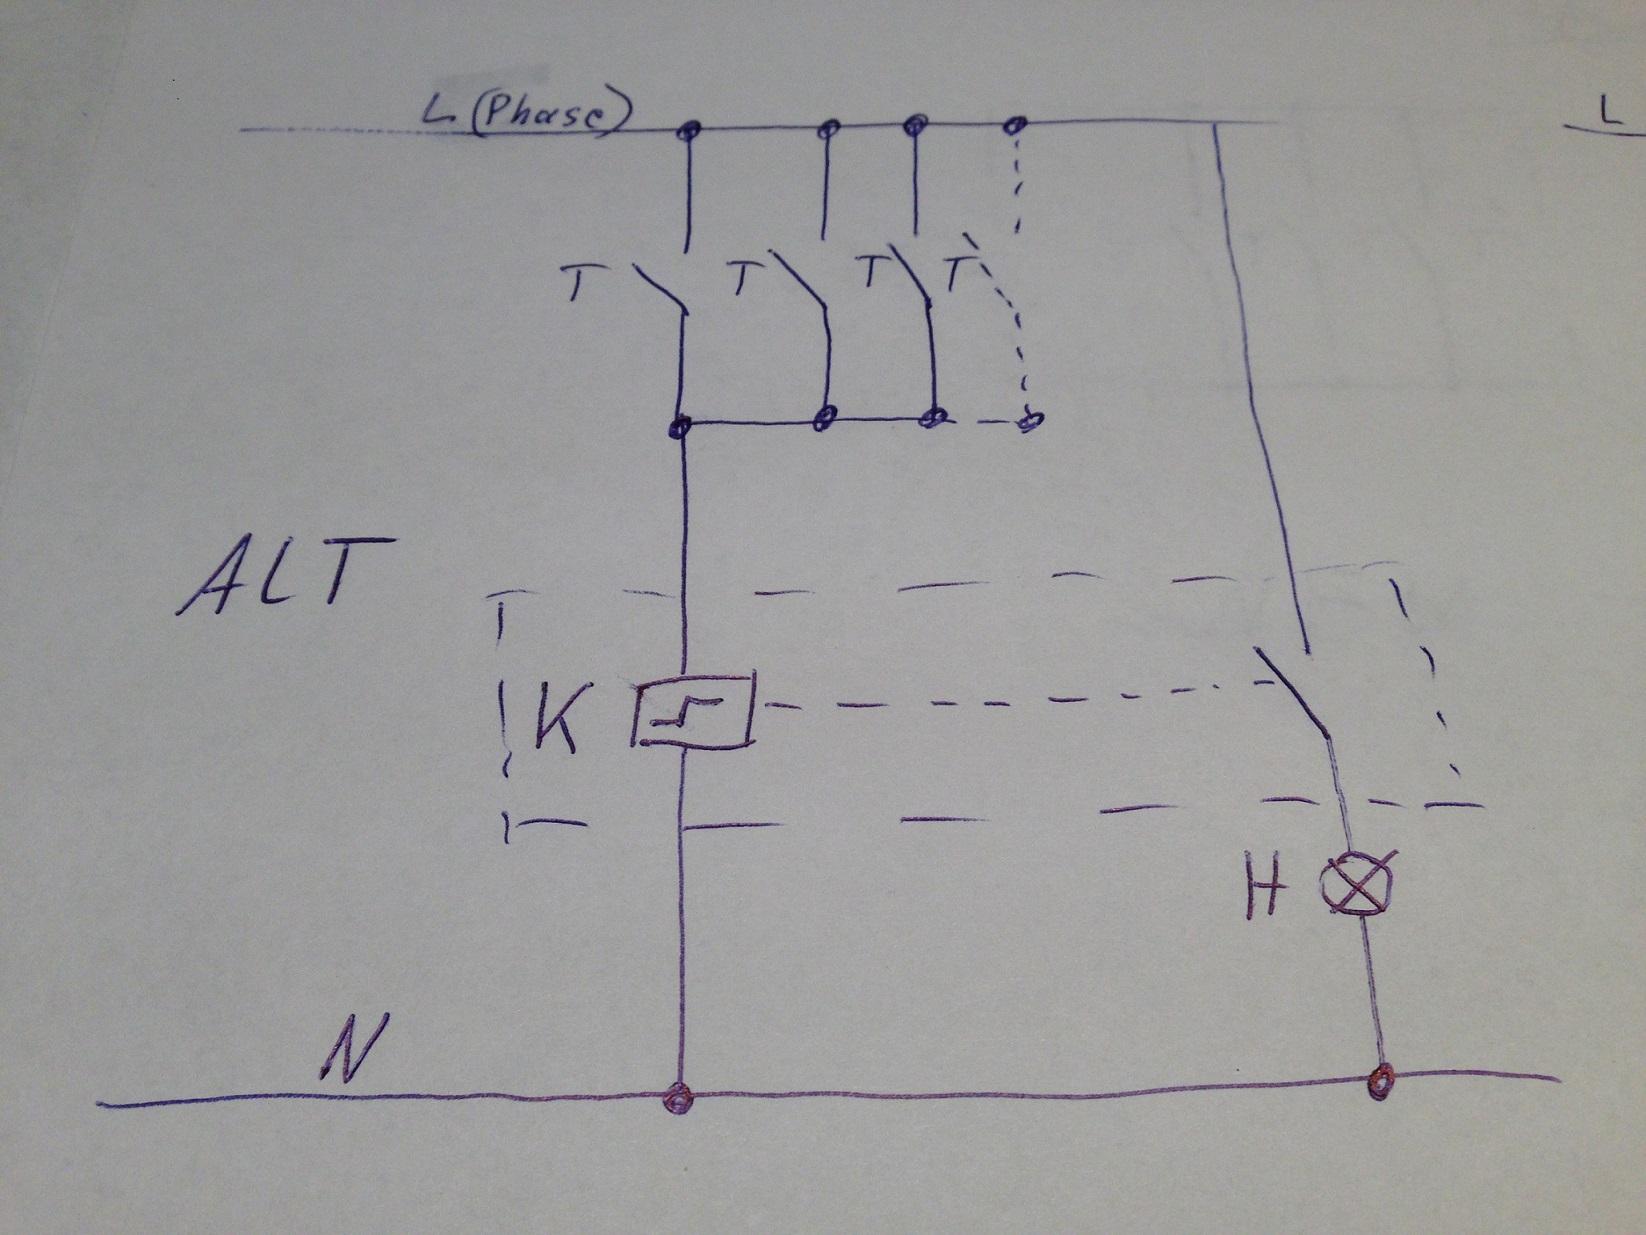 Ziemlich 3 Draht 3 Wege Schalter Ideen - Schaltplan Serie Circuit ...